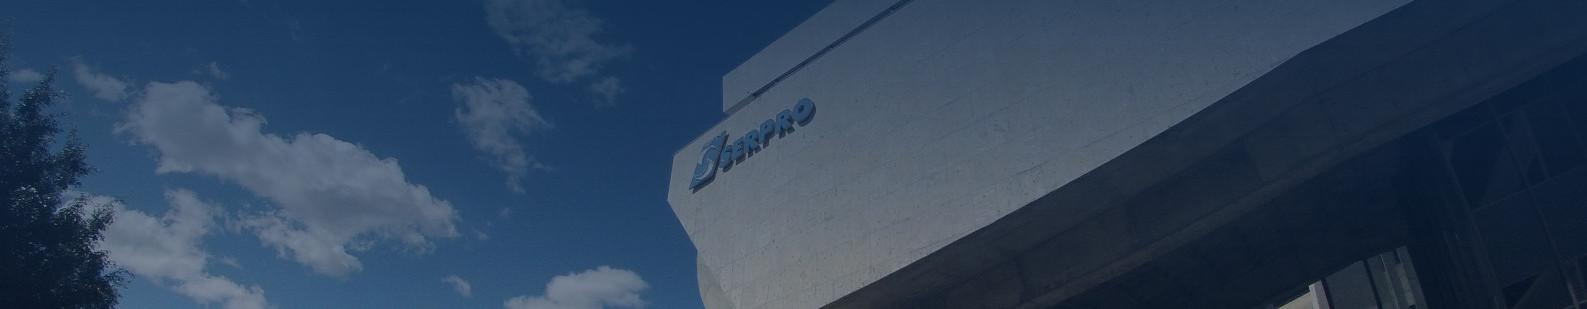 http://serpro.gov.br/menu/quem-somos